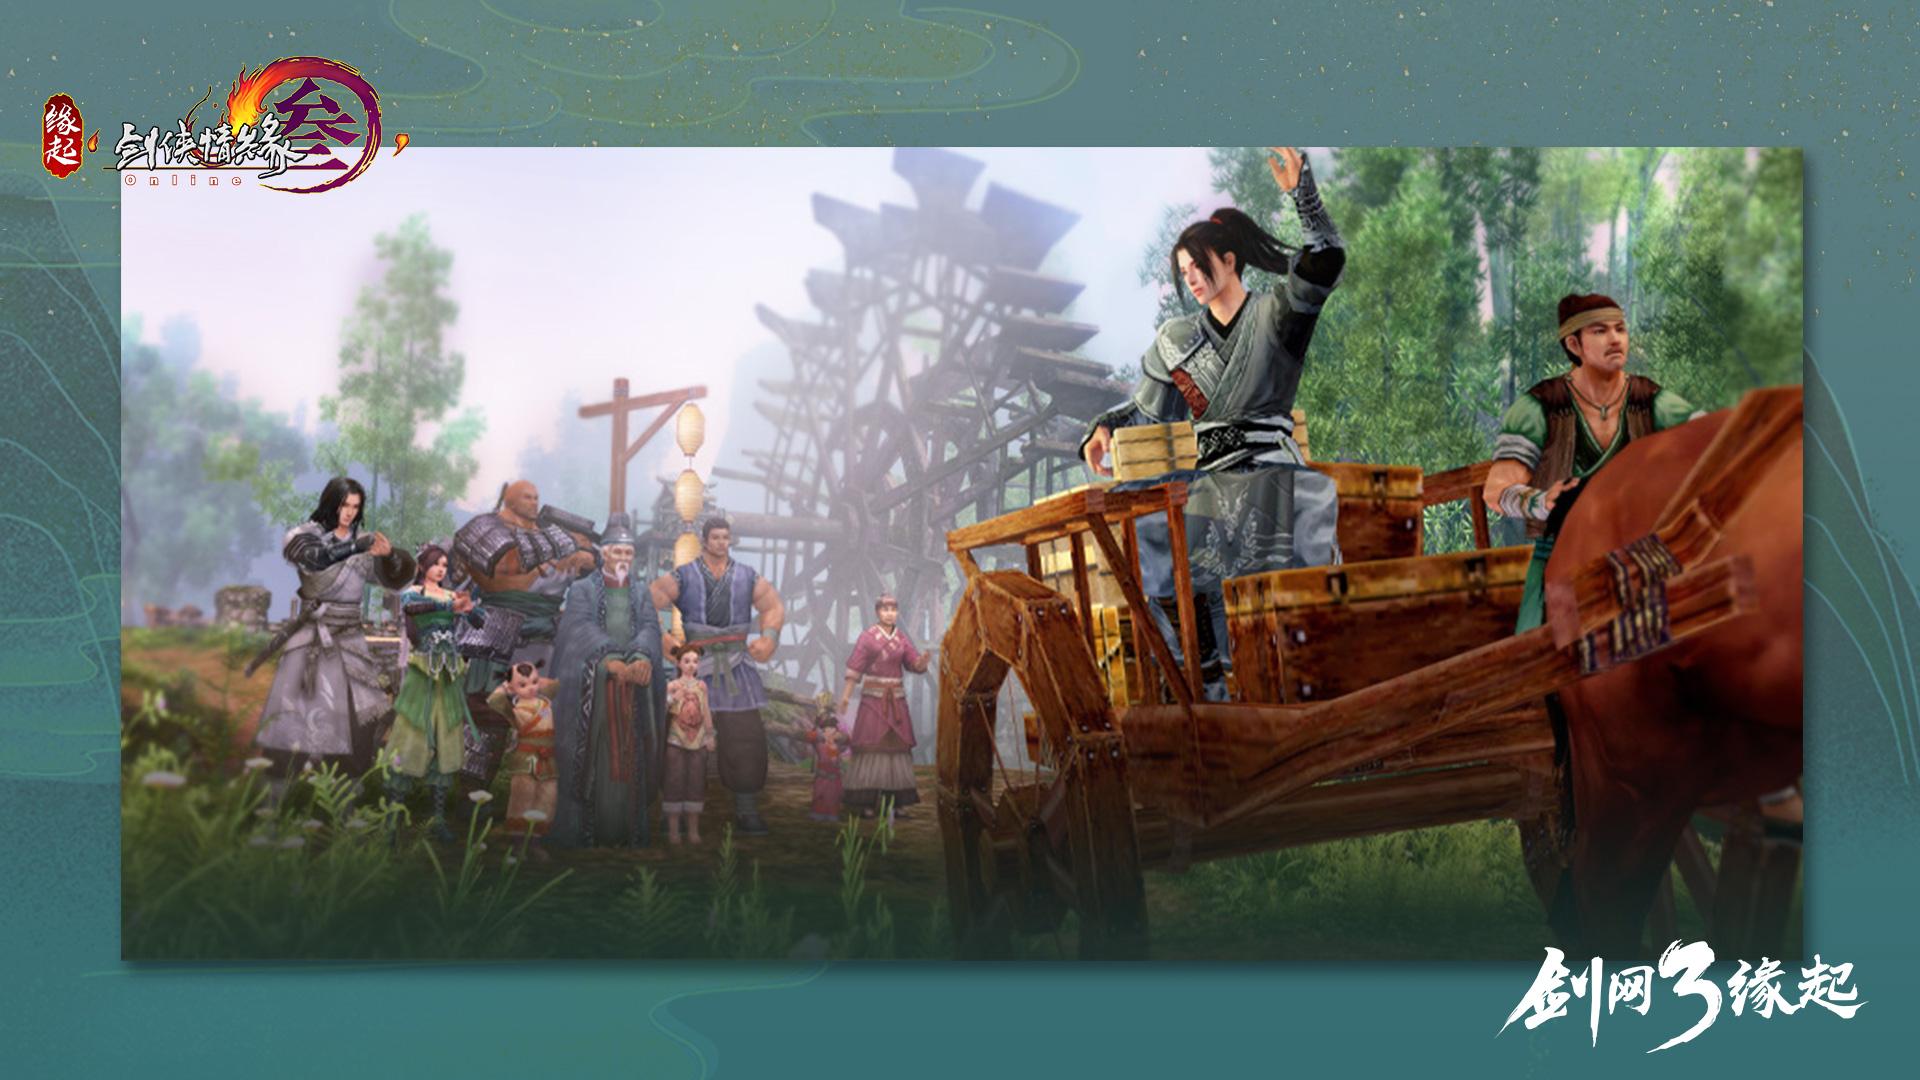 《剑网3缘起》全民赴约领好礼 账号好友功能前瞻